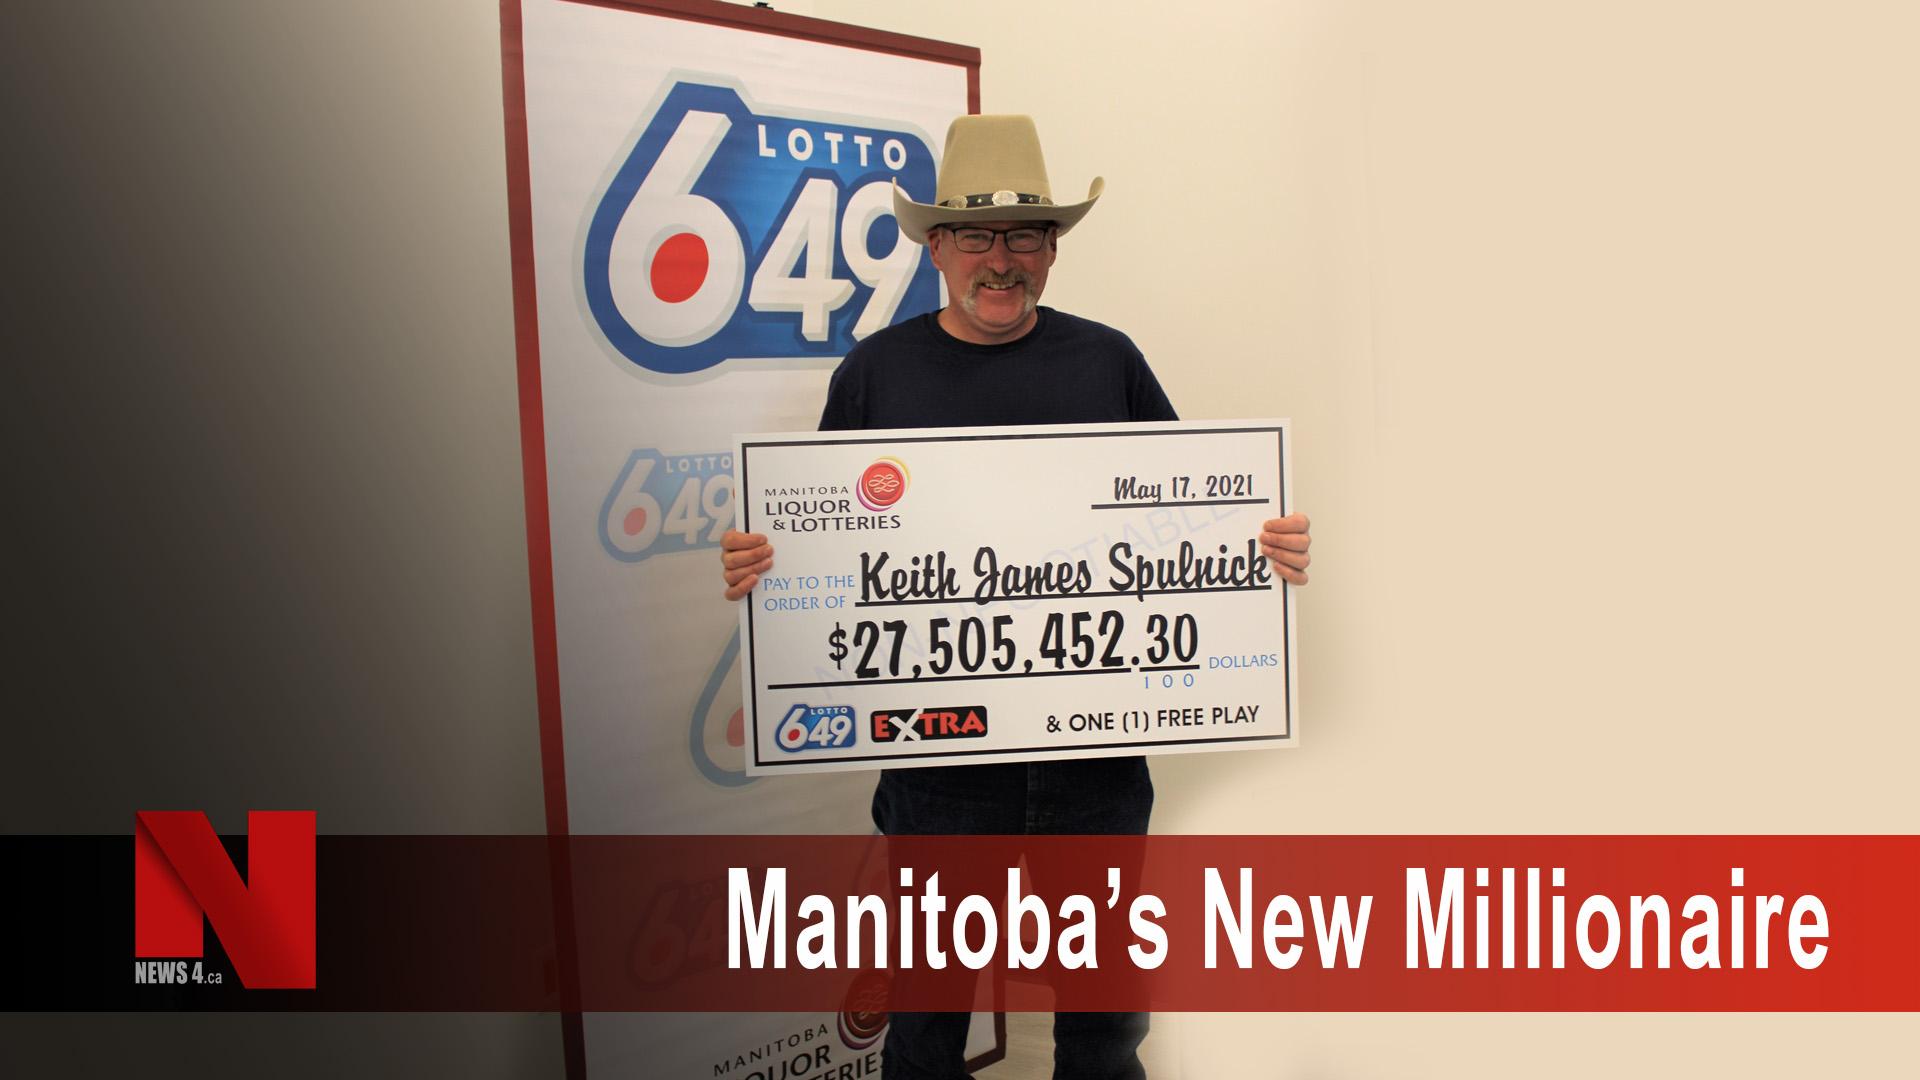 Manitoba's new millionaire